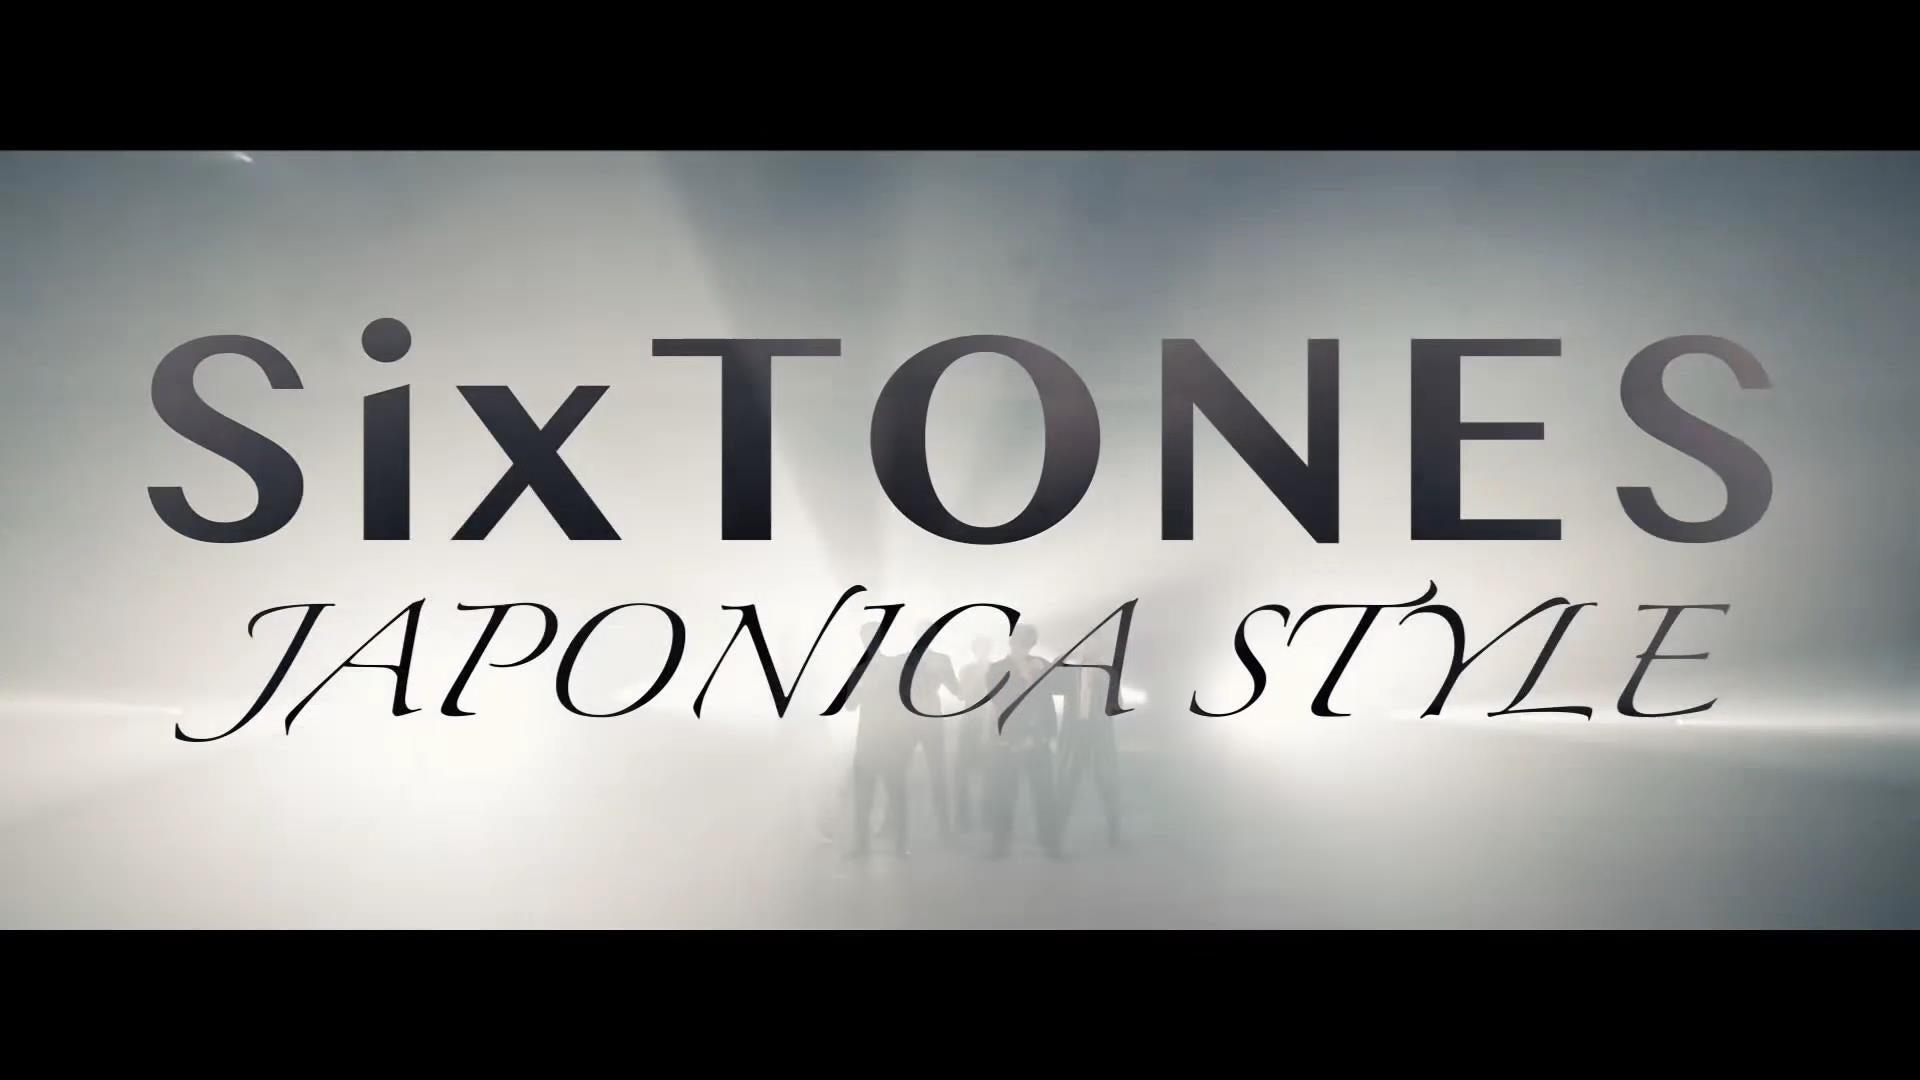 ジャポニカ スタイル Sixtones